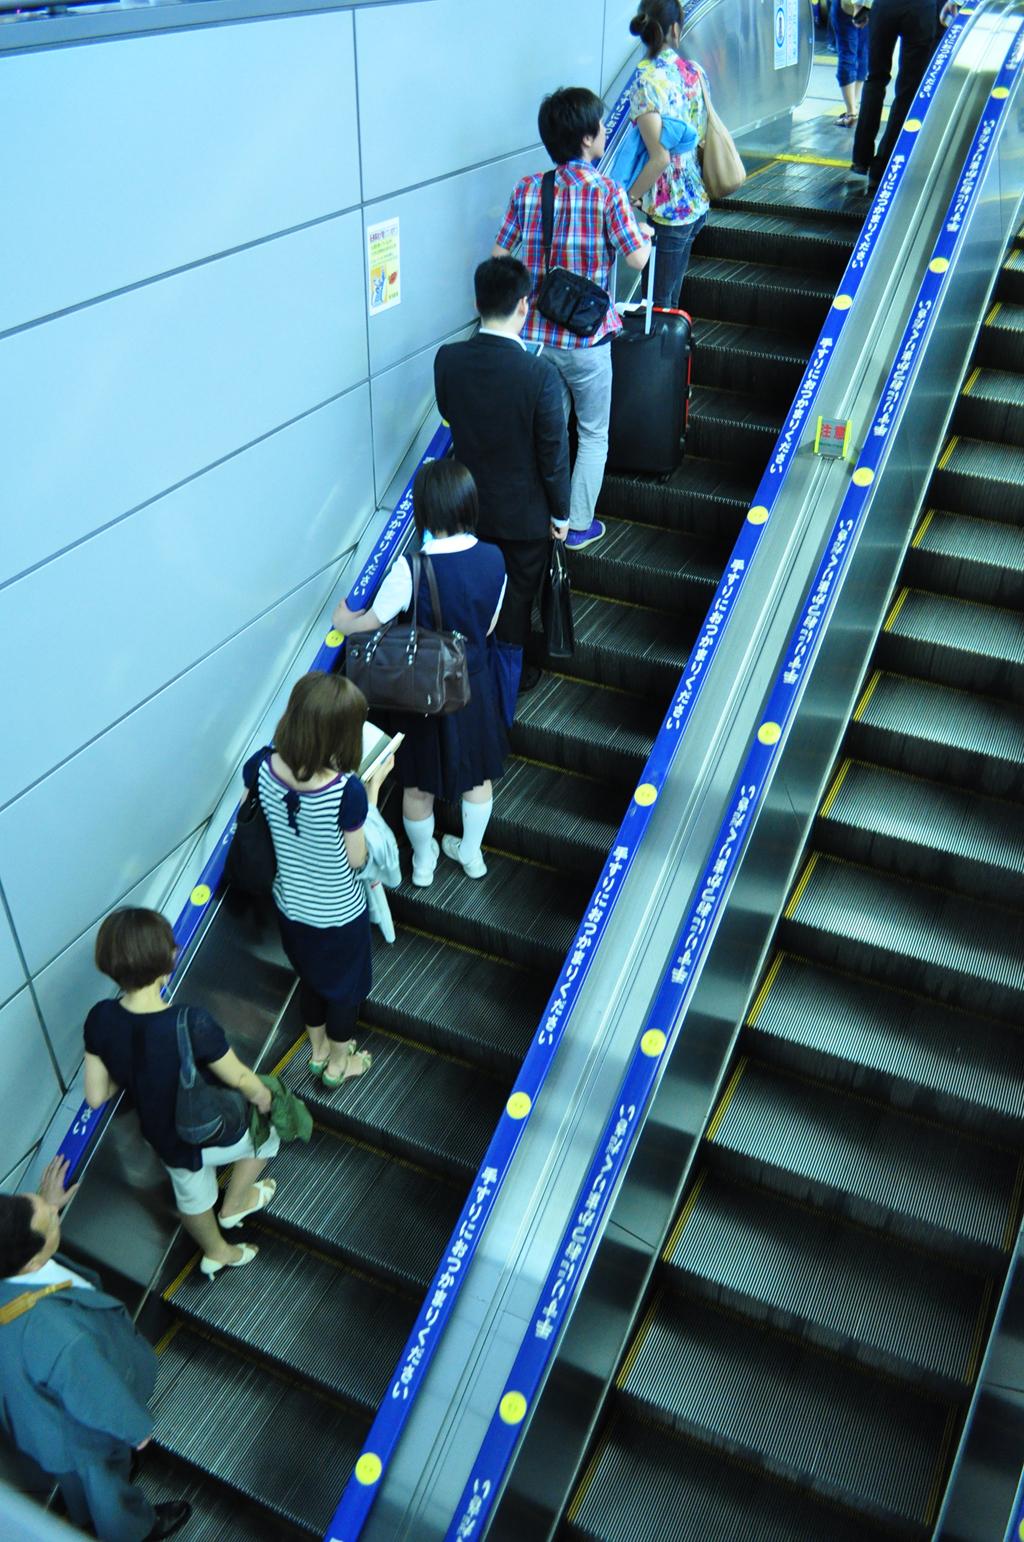 đi thang cuốn ở nhật, Người Nhật chỉ đứng ở một bên thang cuốn.